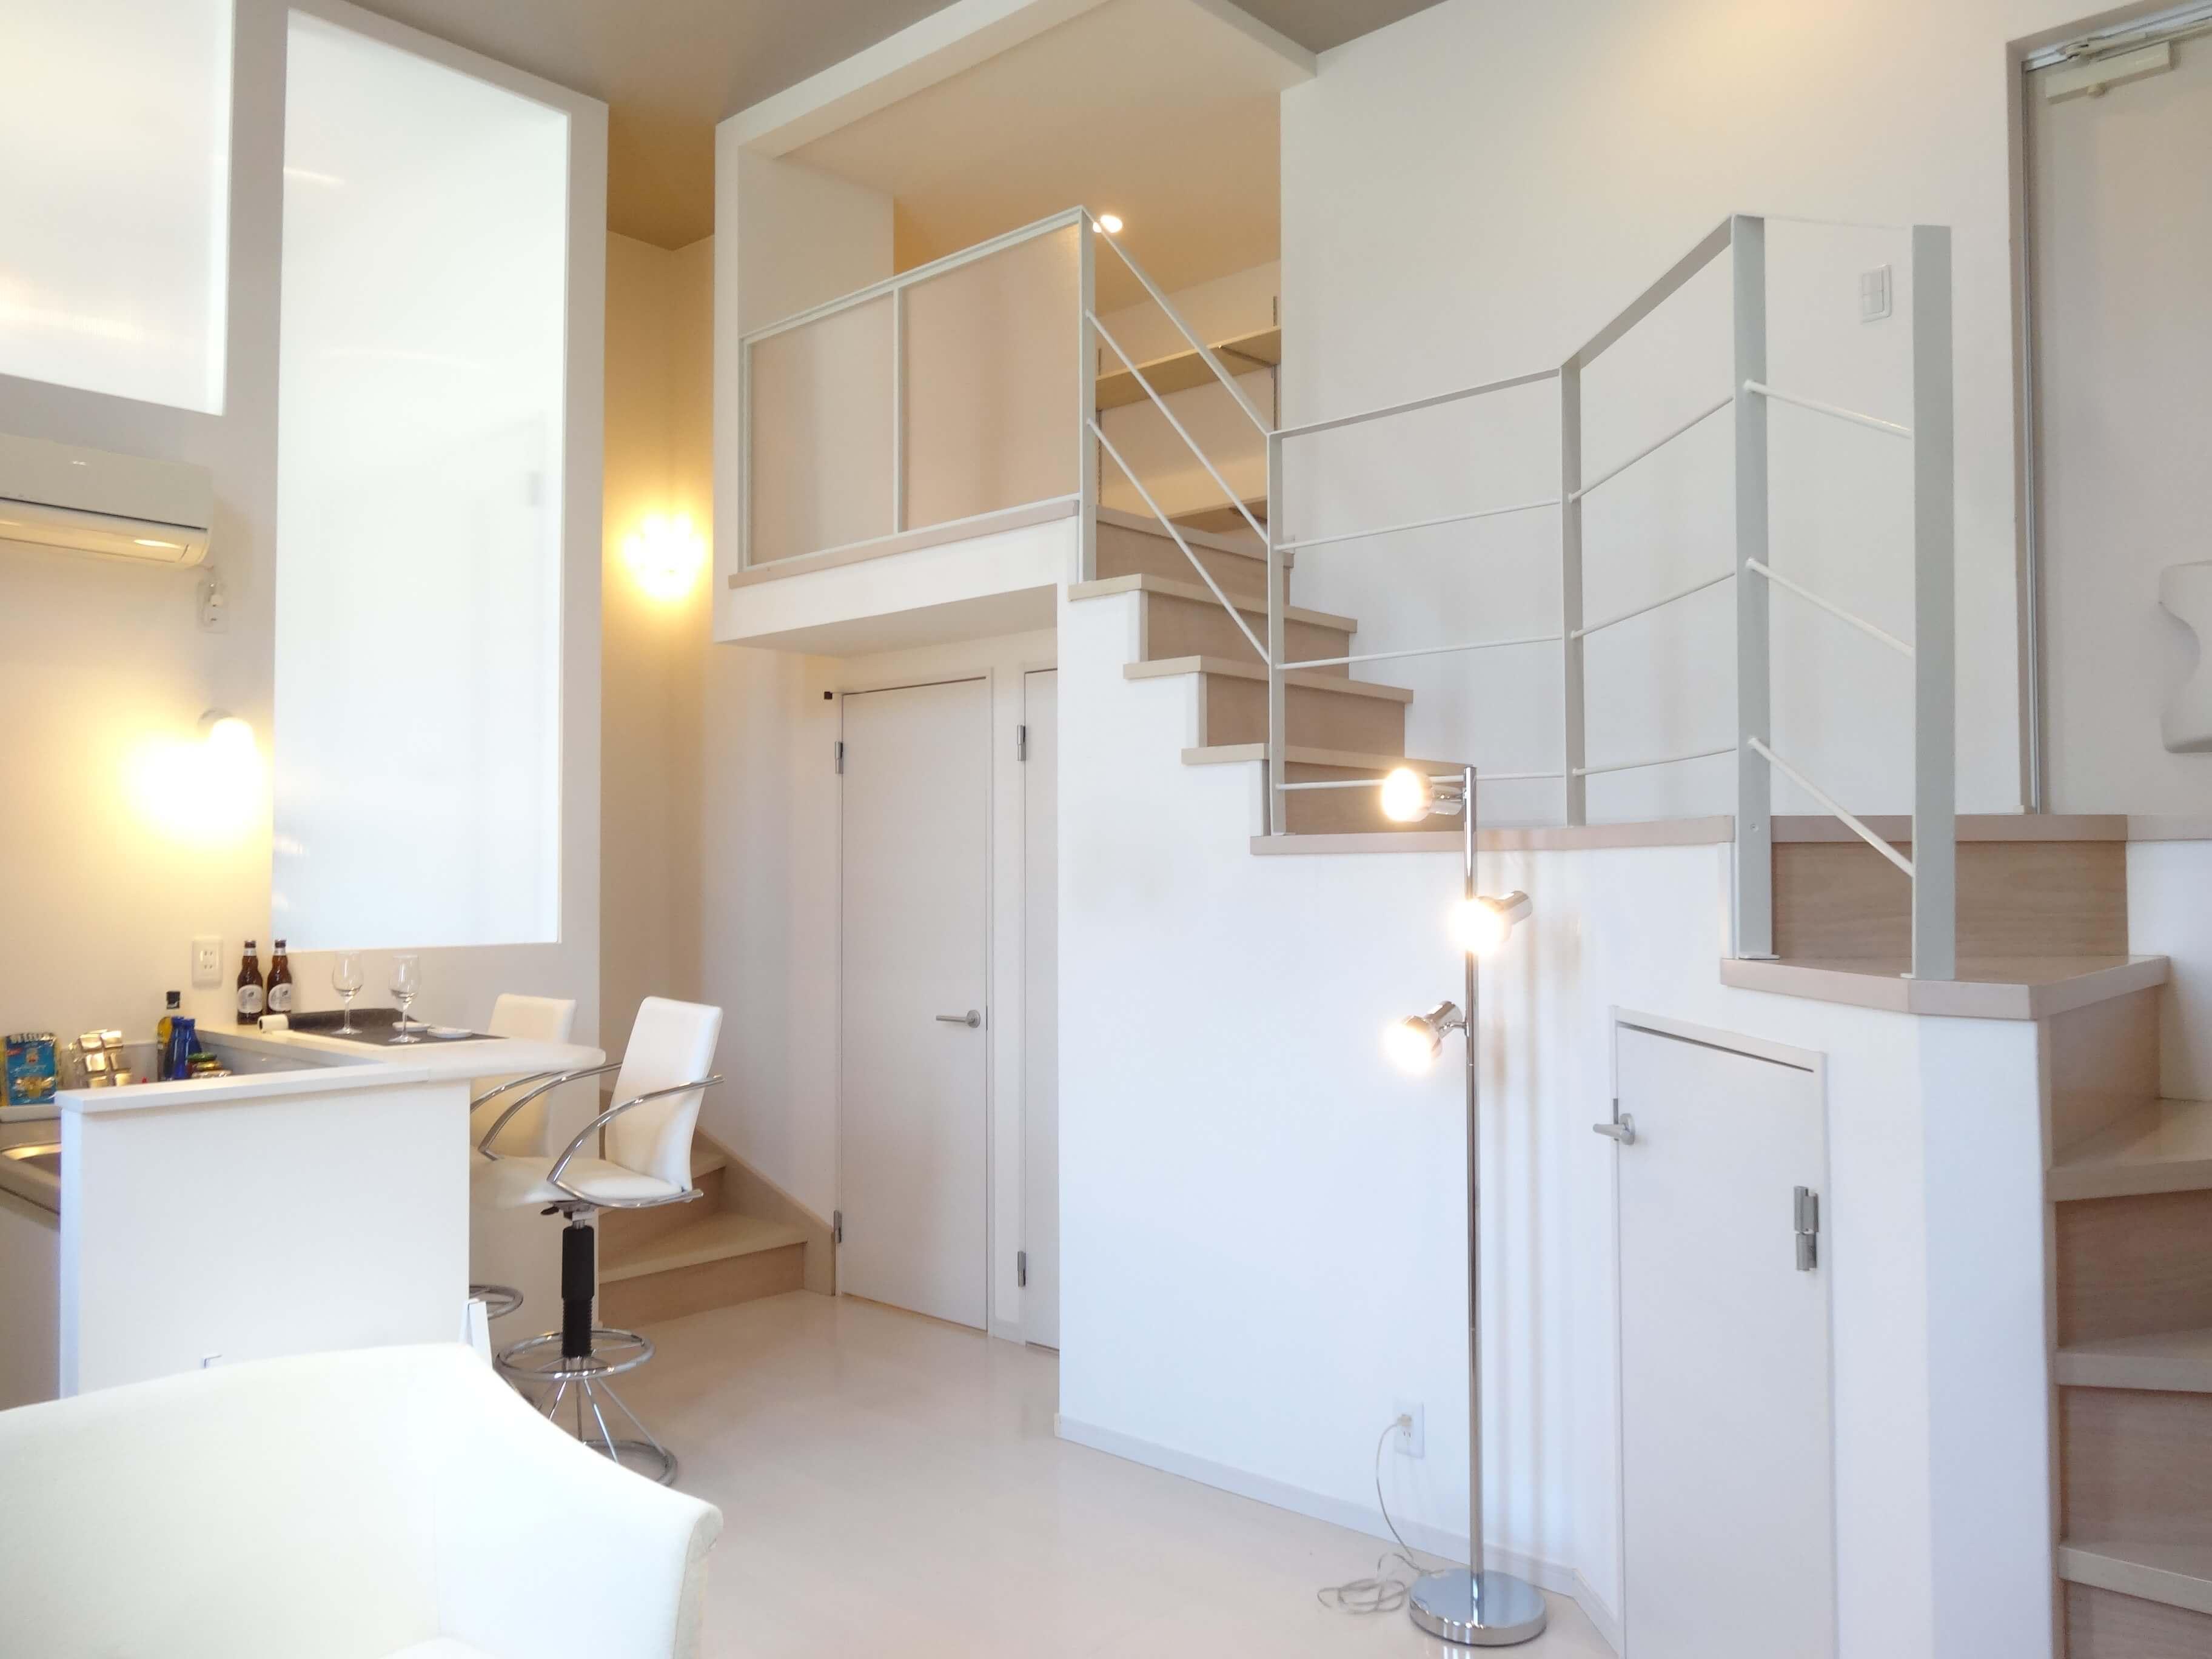 ほかにも、入居者のニーズに合わせて住みやすさや快適さを詰め込んだプランになっています